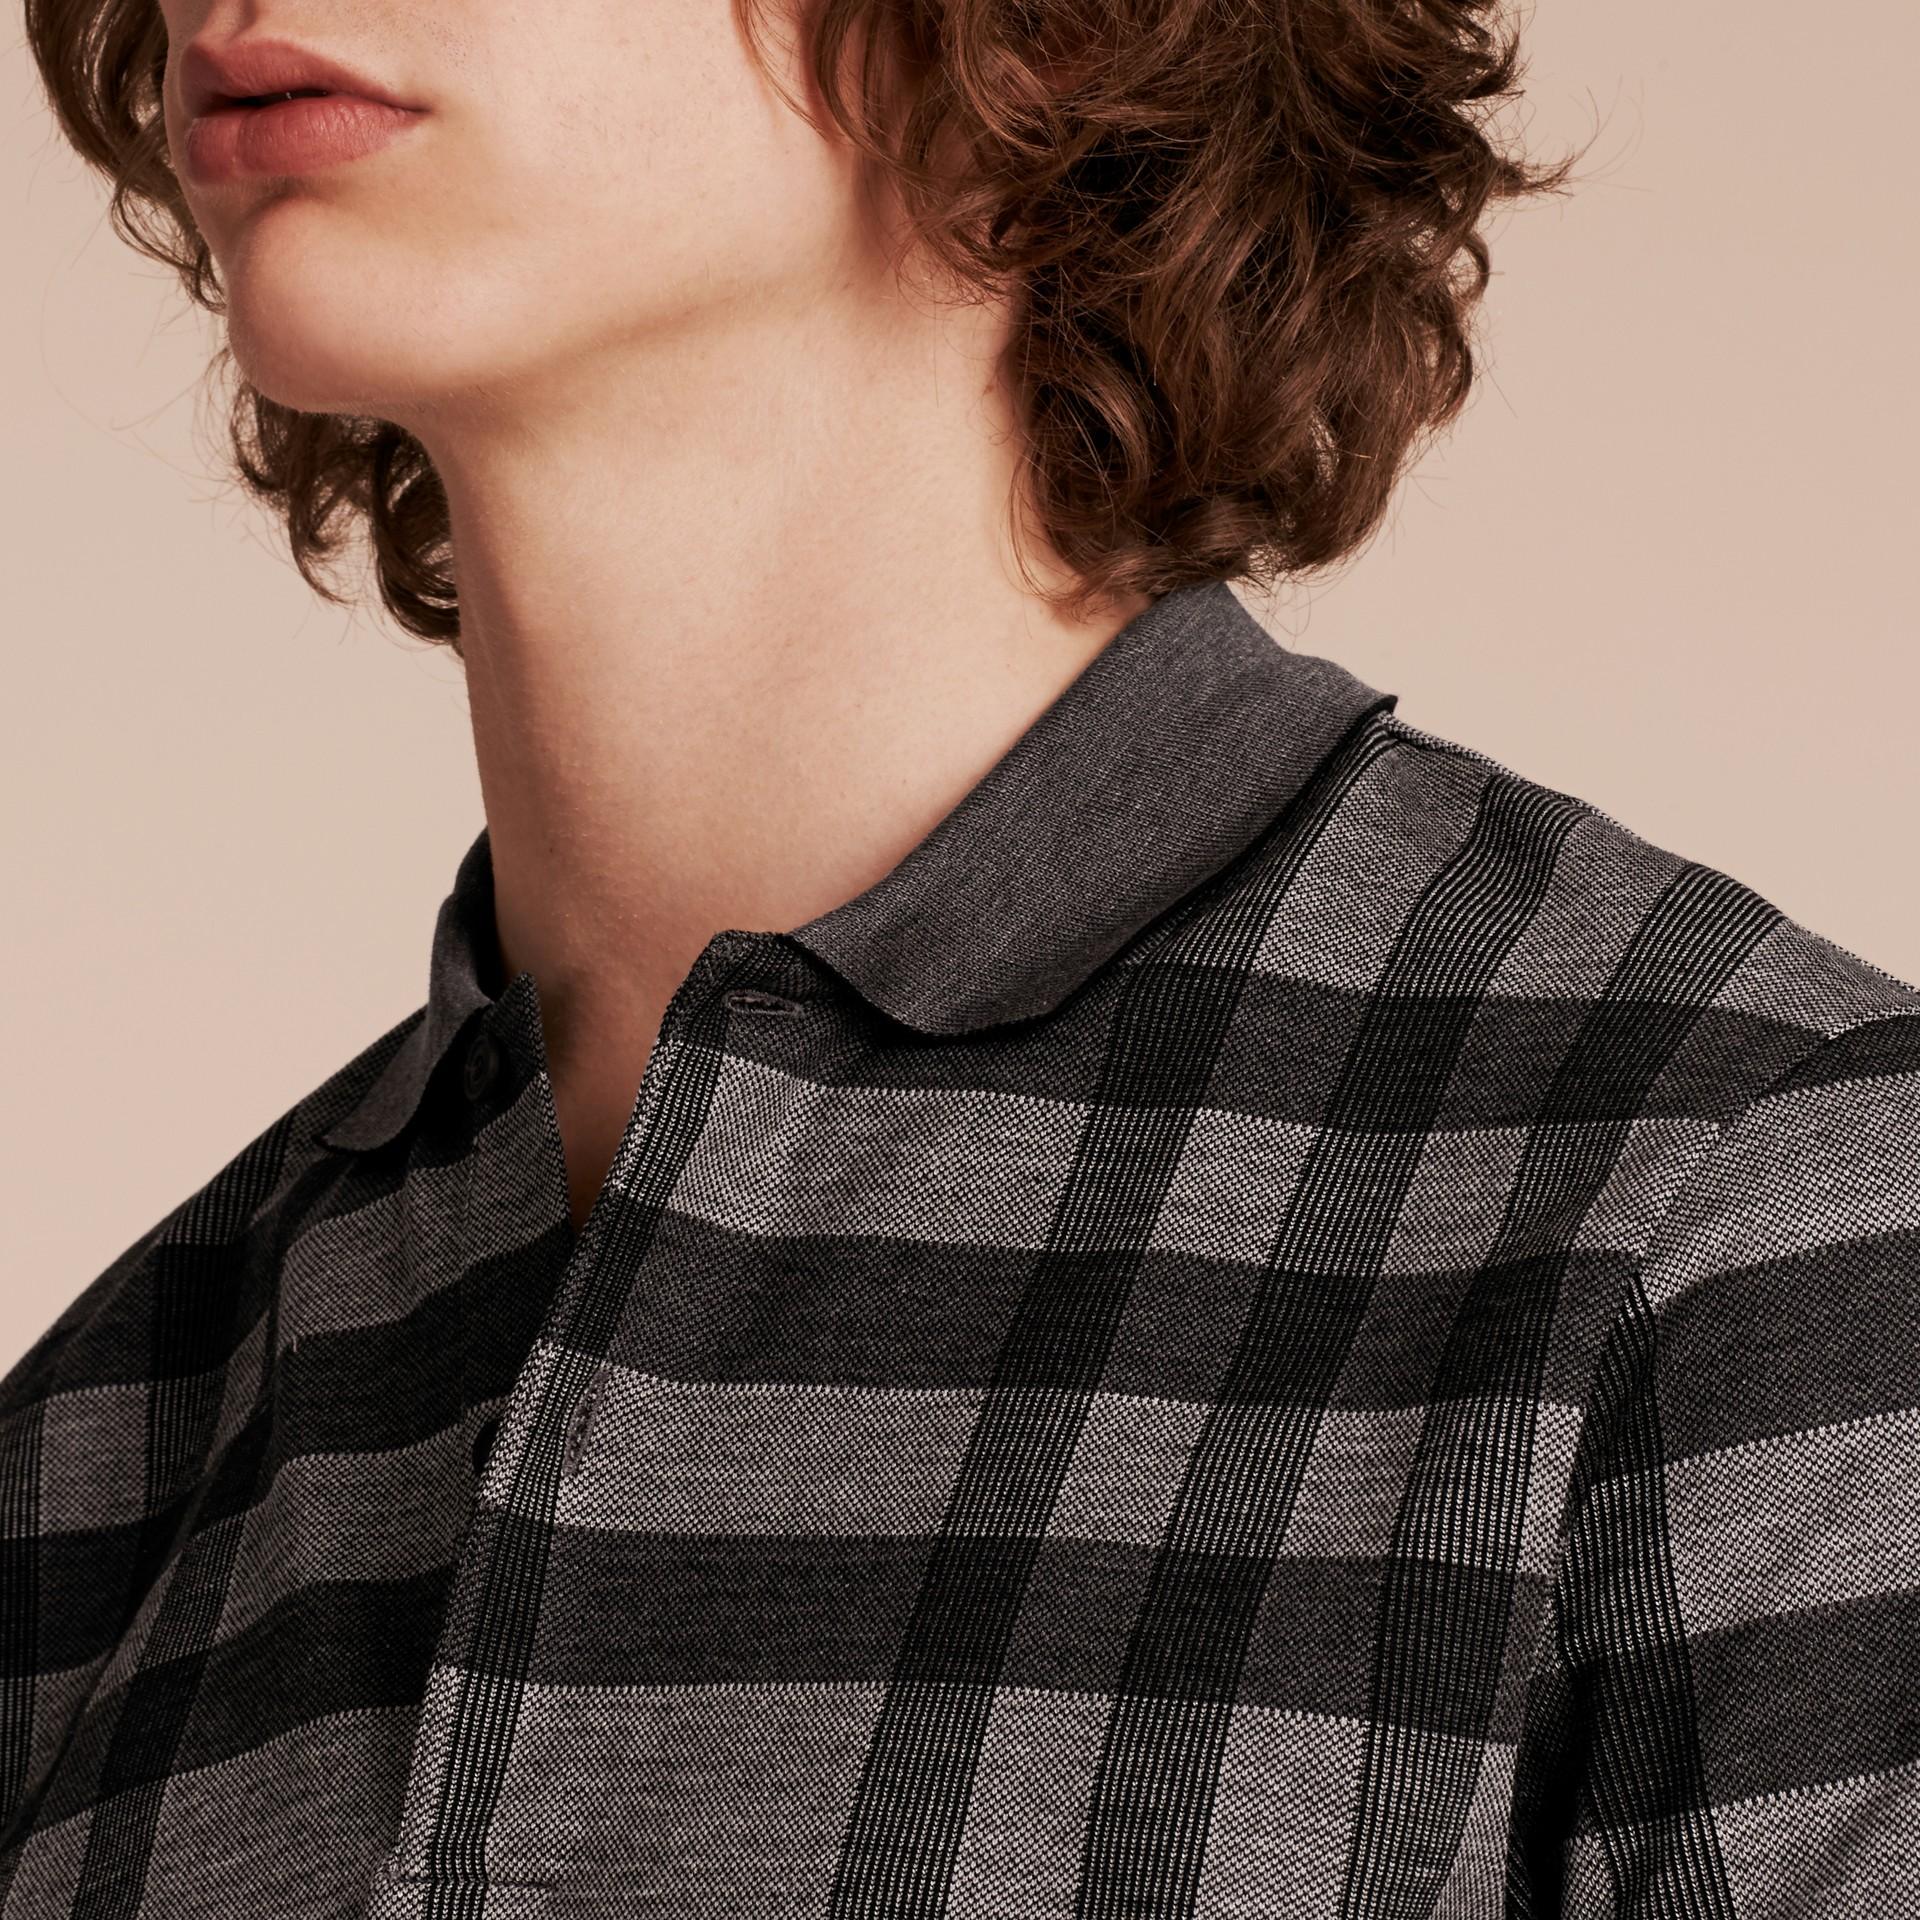 Mittelgrau Poloshirt aus Stretchbaumwolle mit Check-Muster Mittelgrau - Galerie-Bild 5